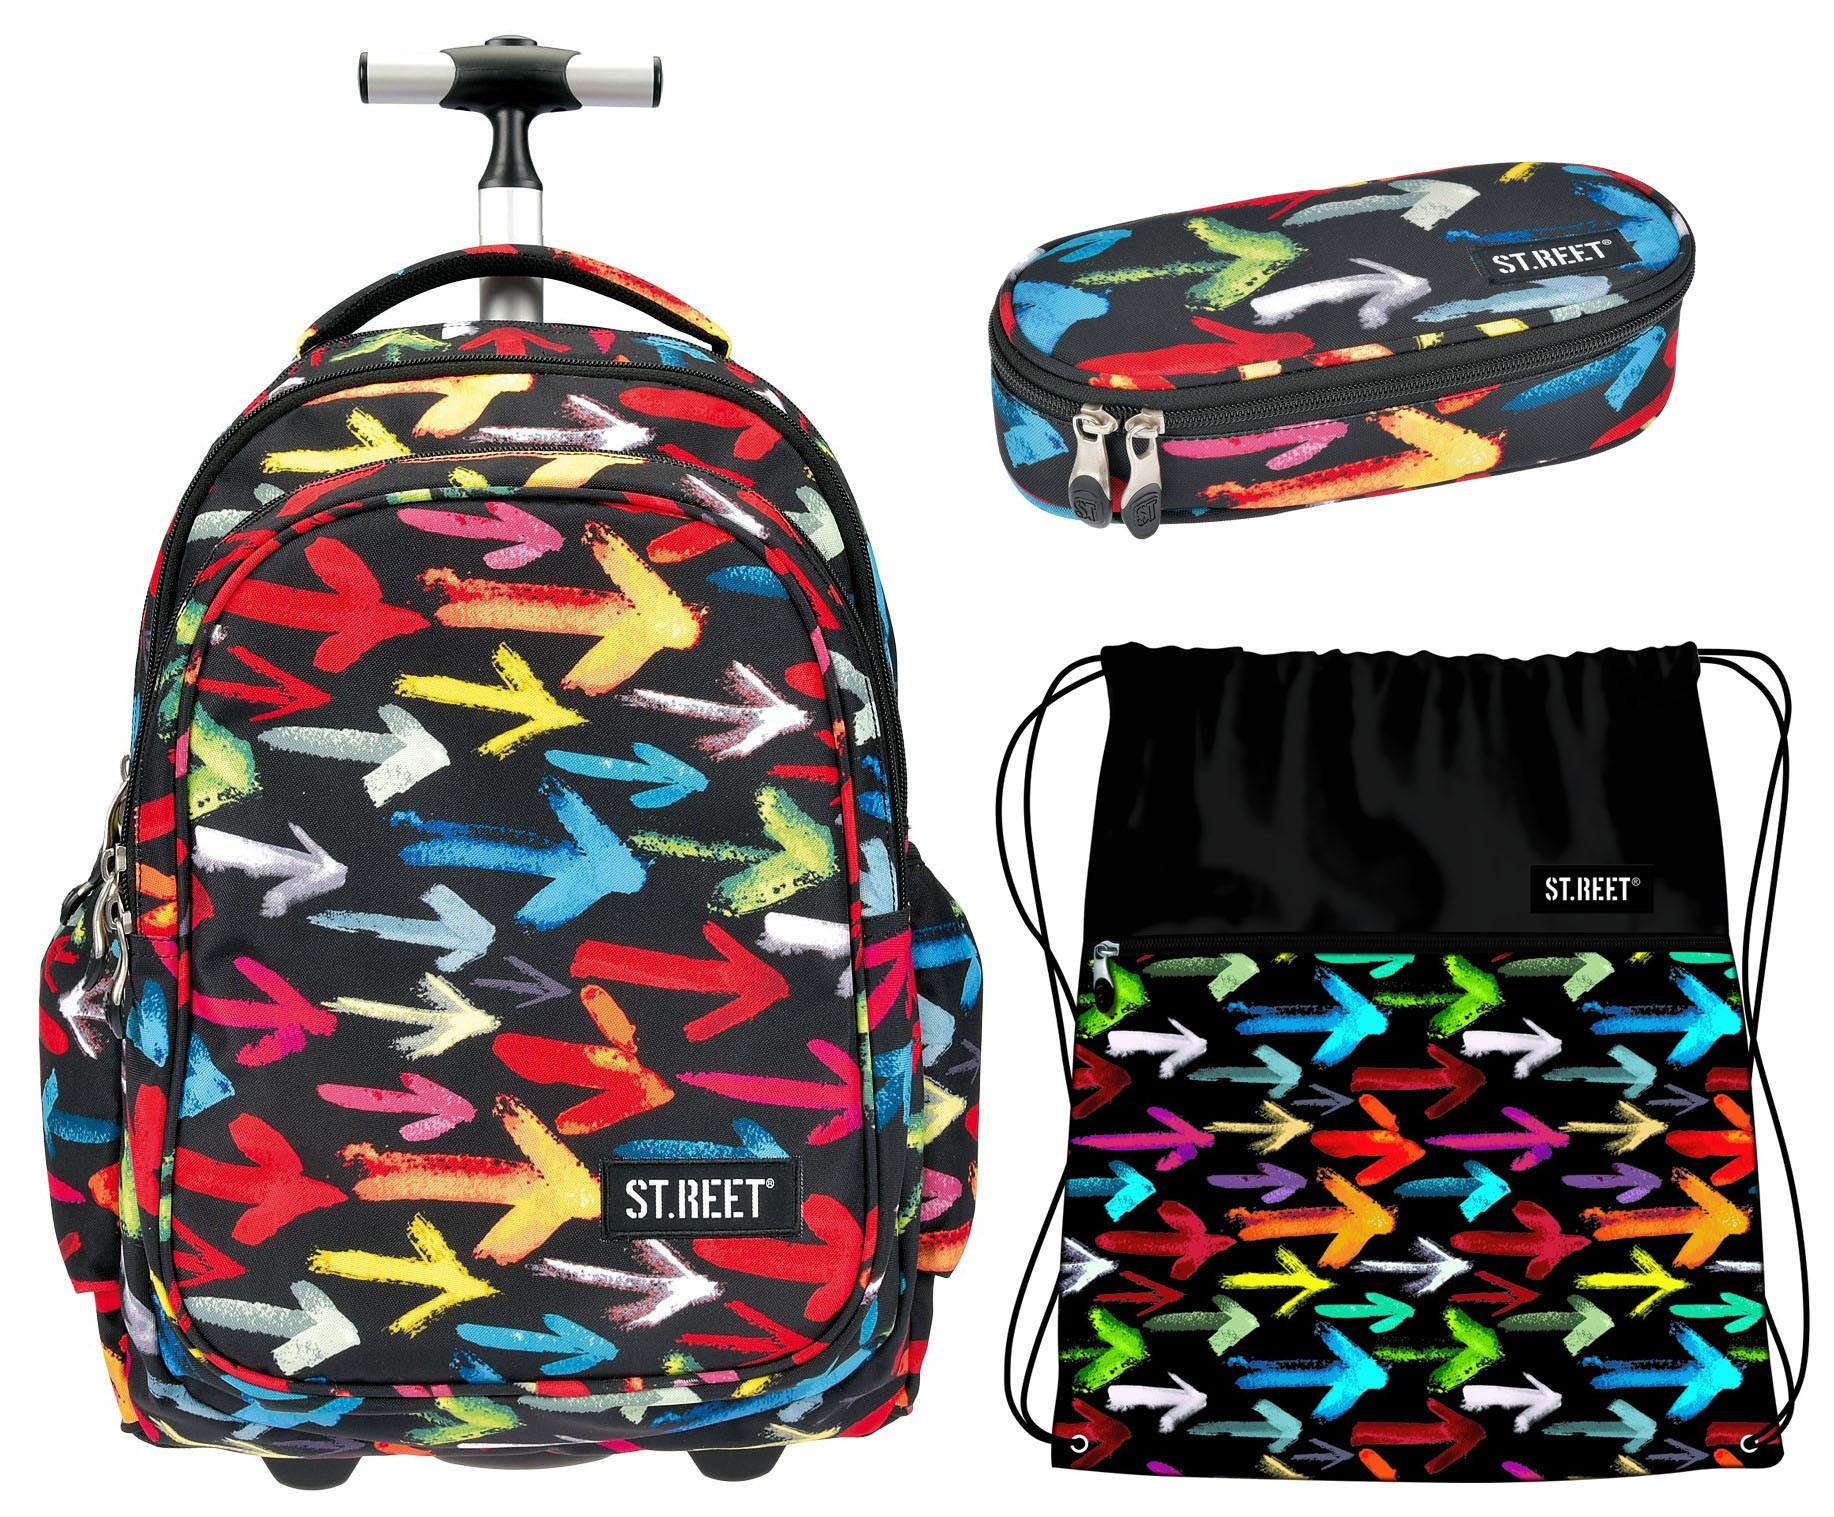 139779d6dc9cb Zestaw ST.REET Arrows: Plecak na kółkach + worek + piórnik - ePlecaki do  szkoły i na wakacje